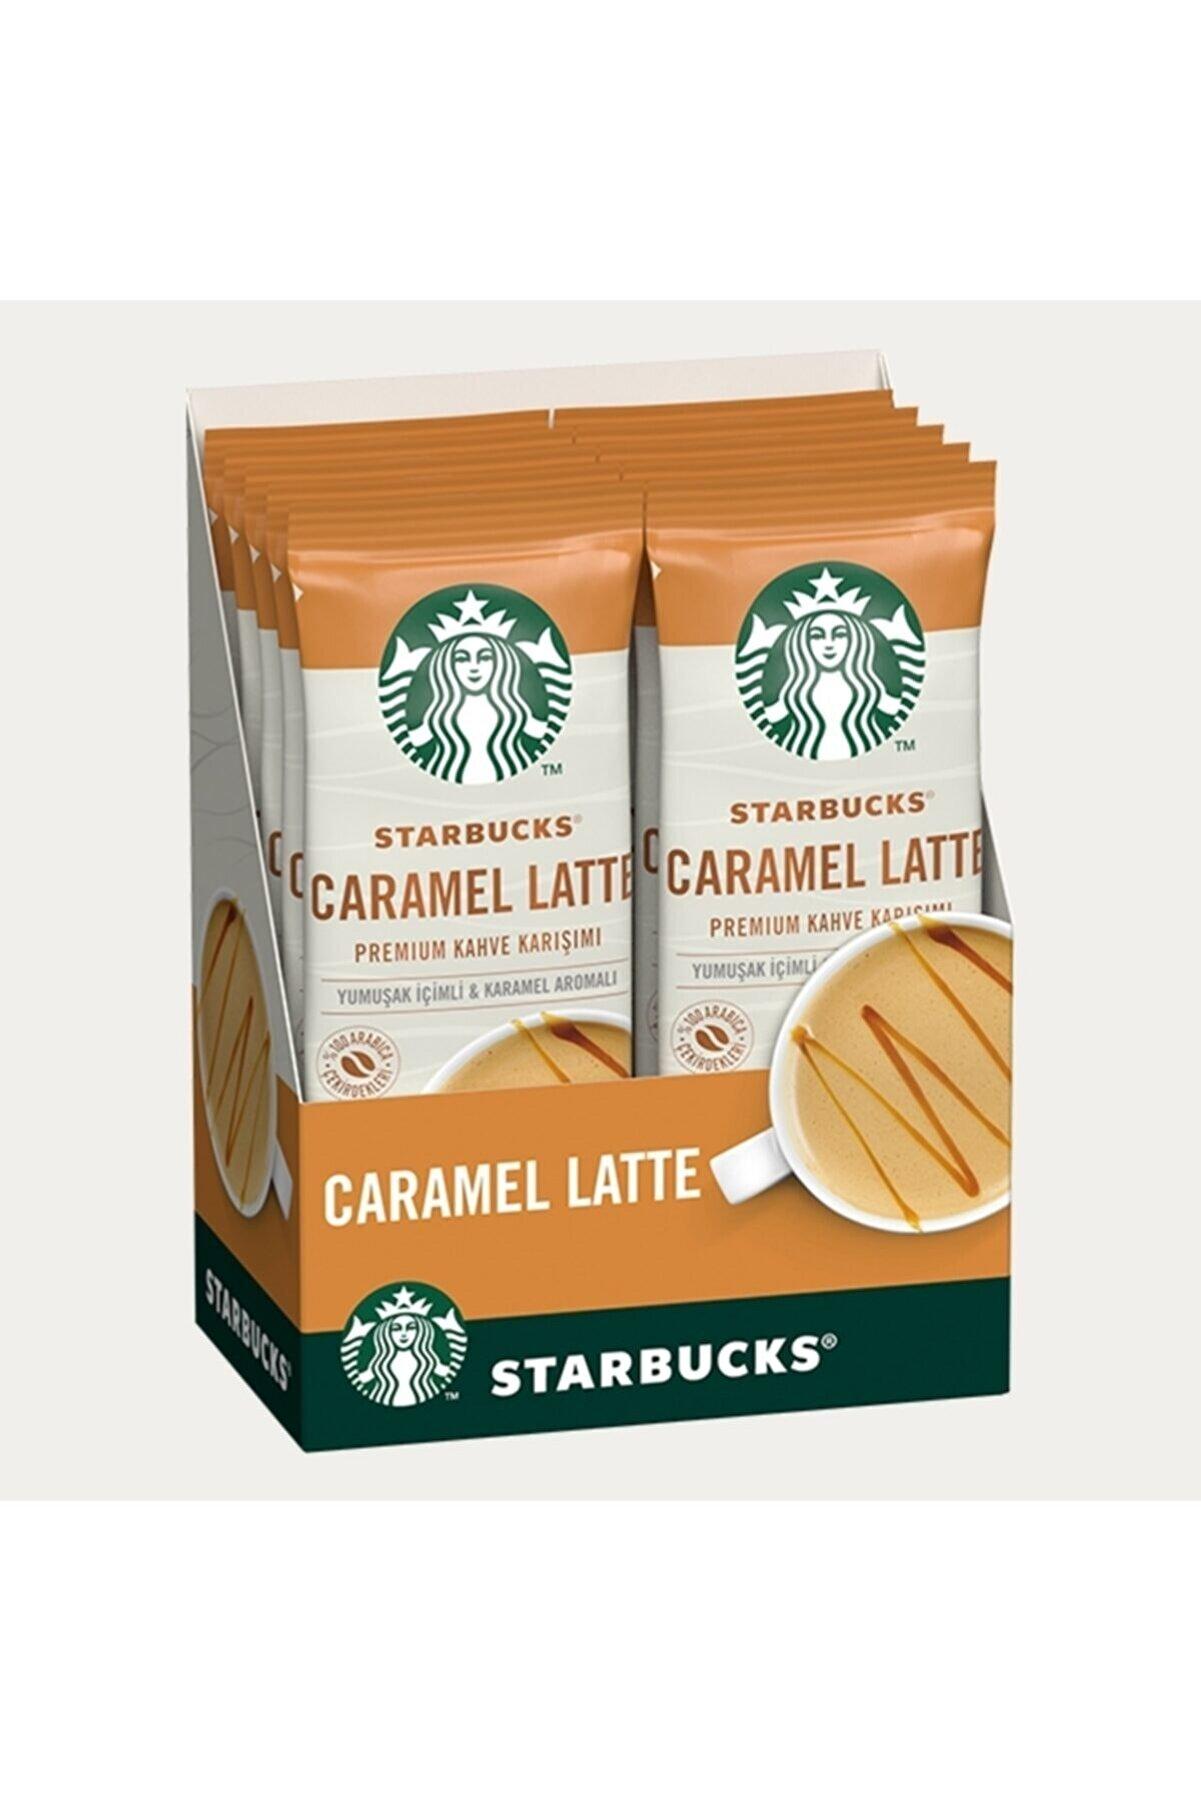 Coffee Starbucks Caramel Latte Sınırlı Üretim Premium Kahve Karışımı (10 Adet)